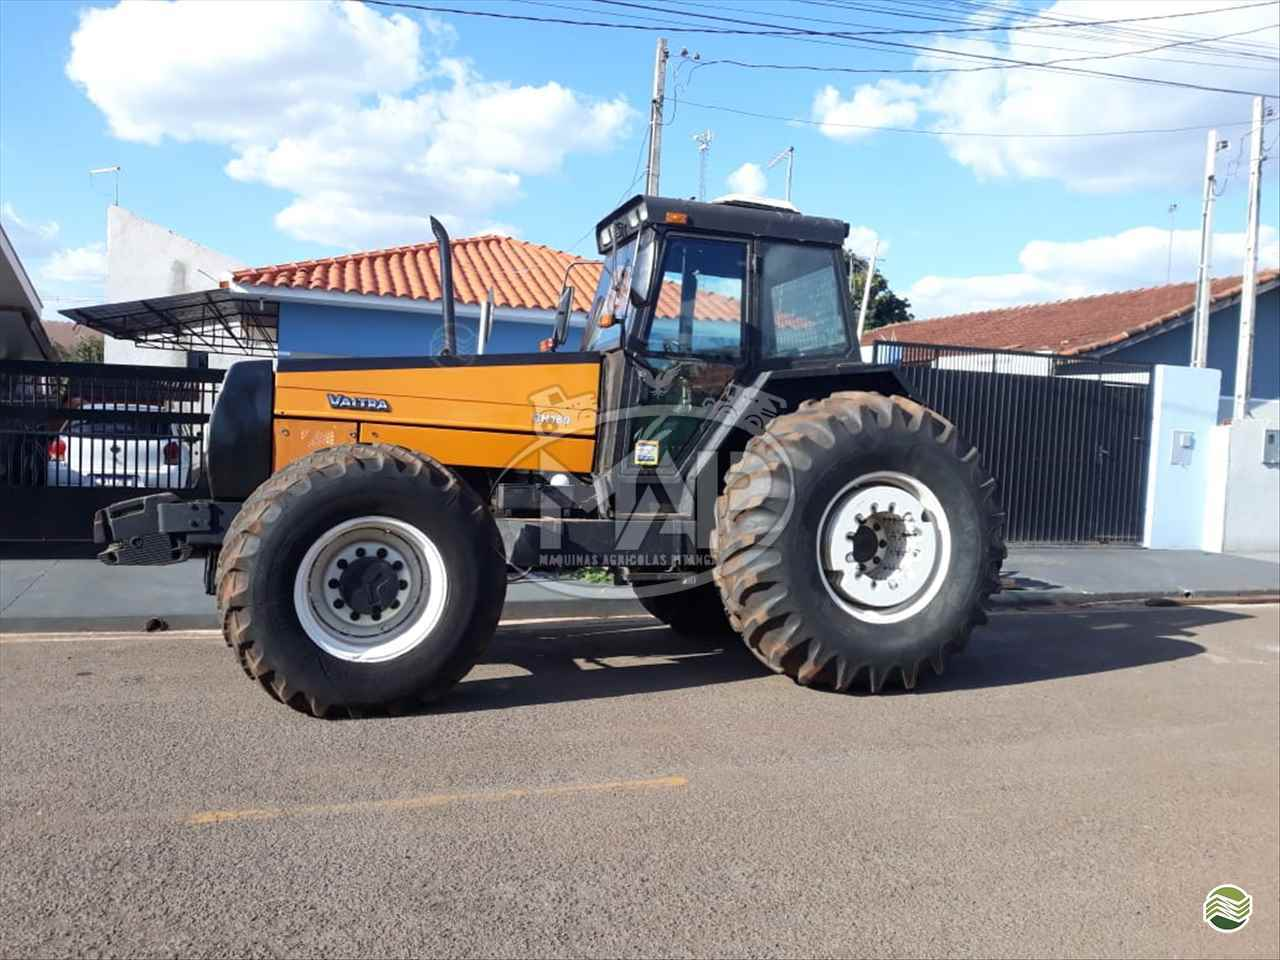 VALTRA BH 180 de Máquinas Agrícolas Pitanga - PITANGA/PR